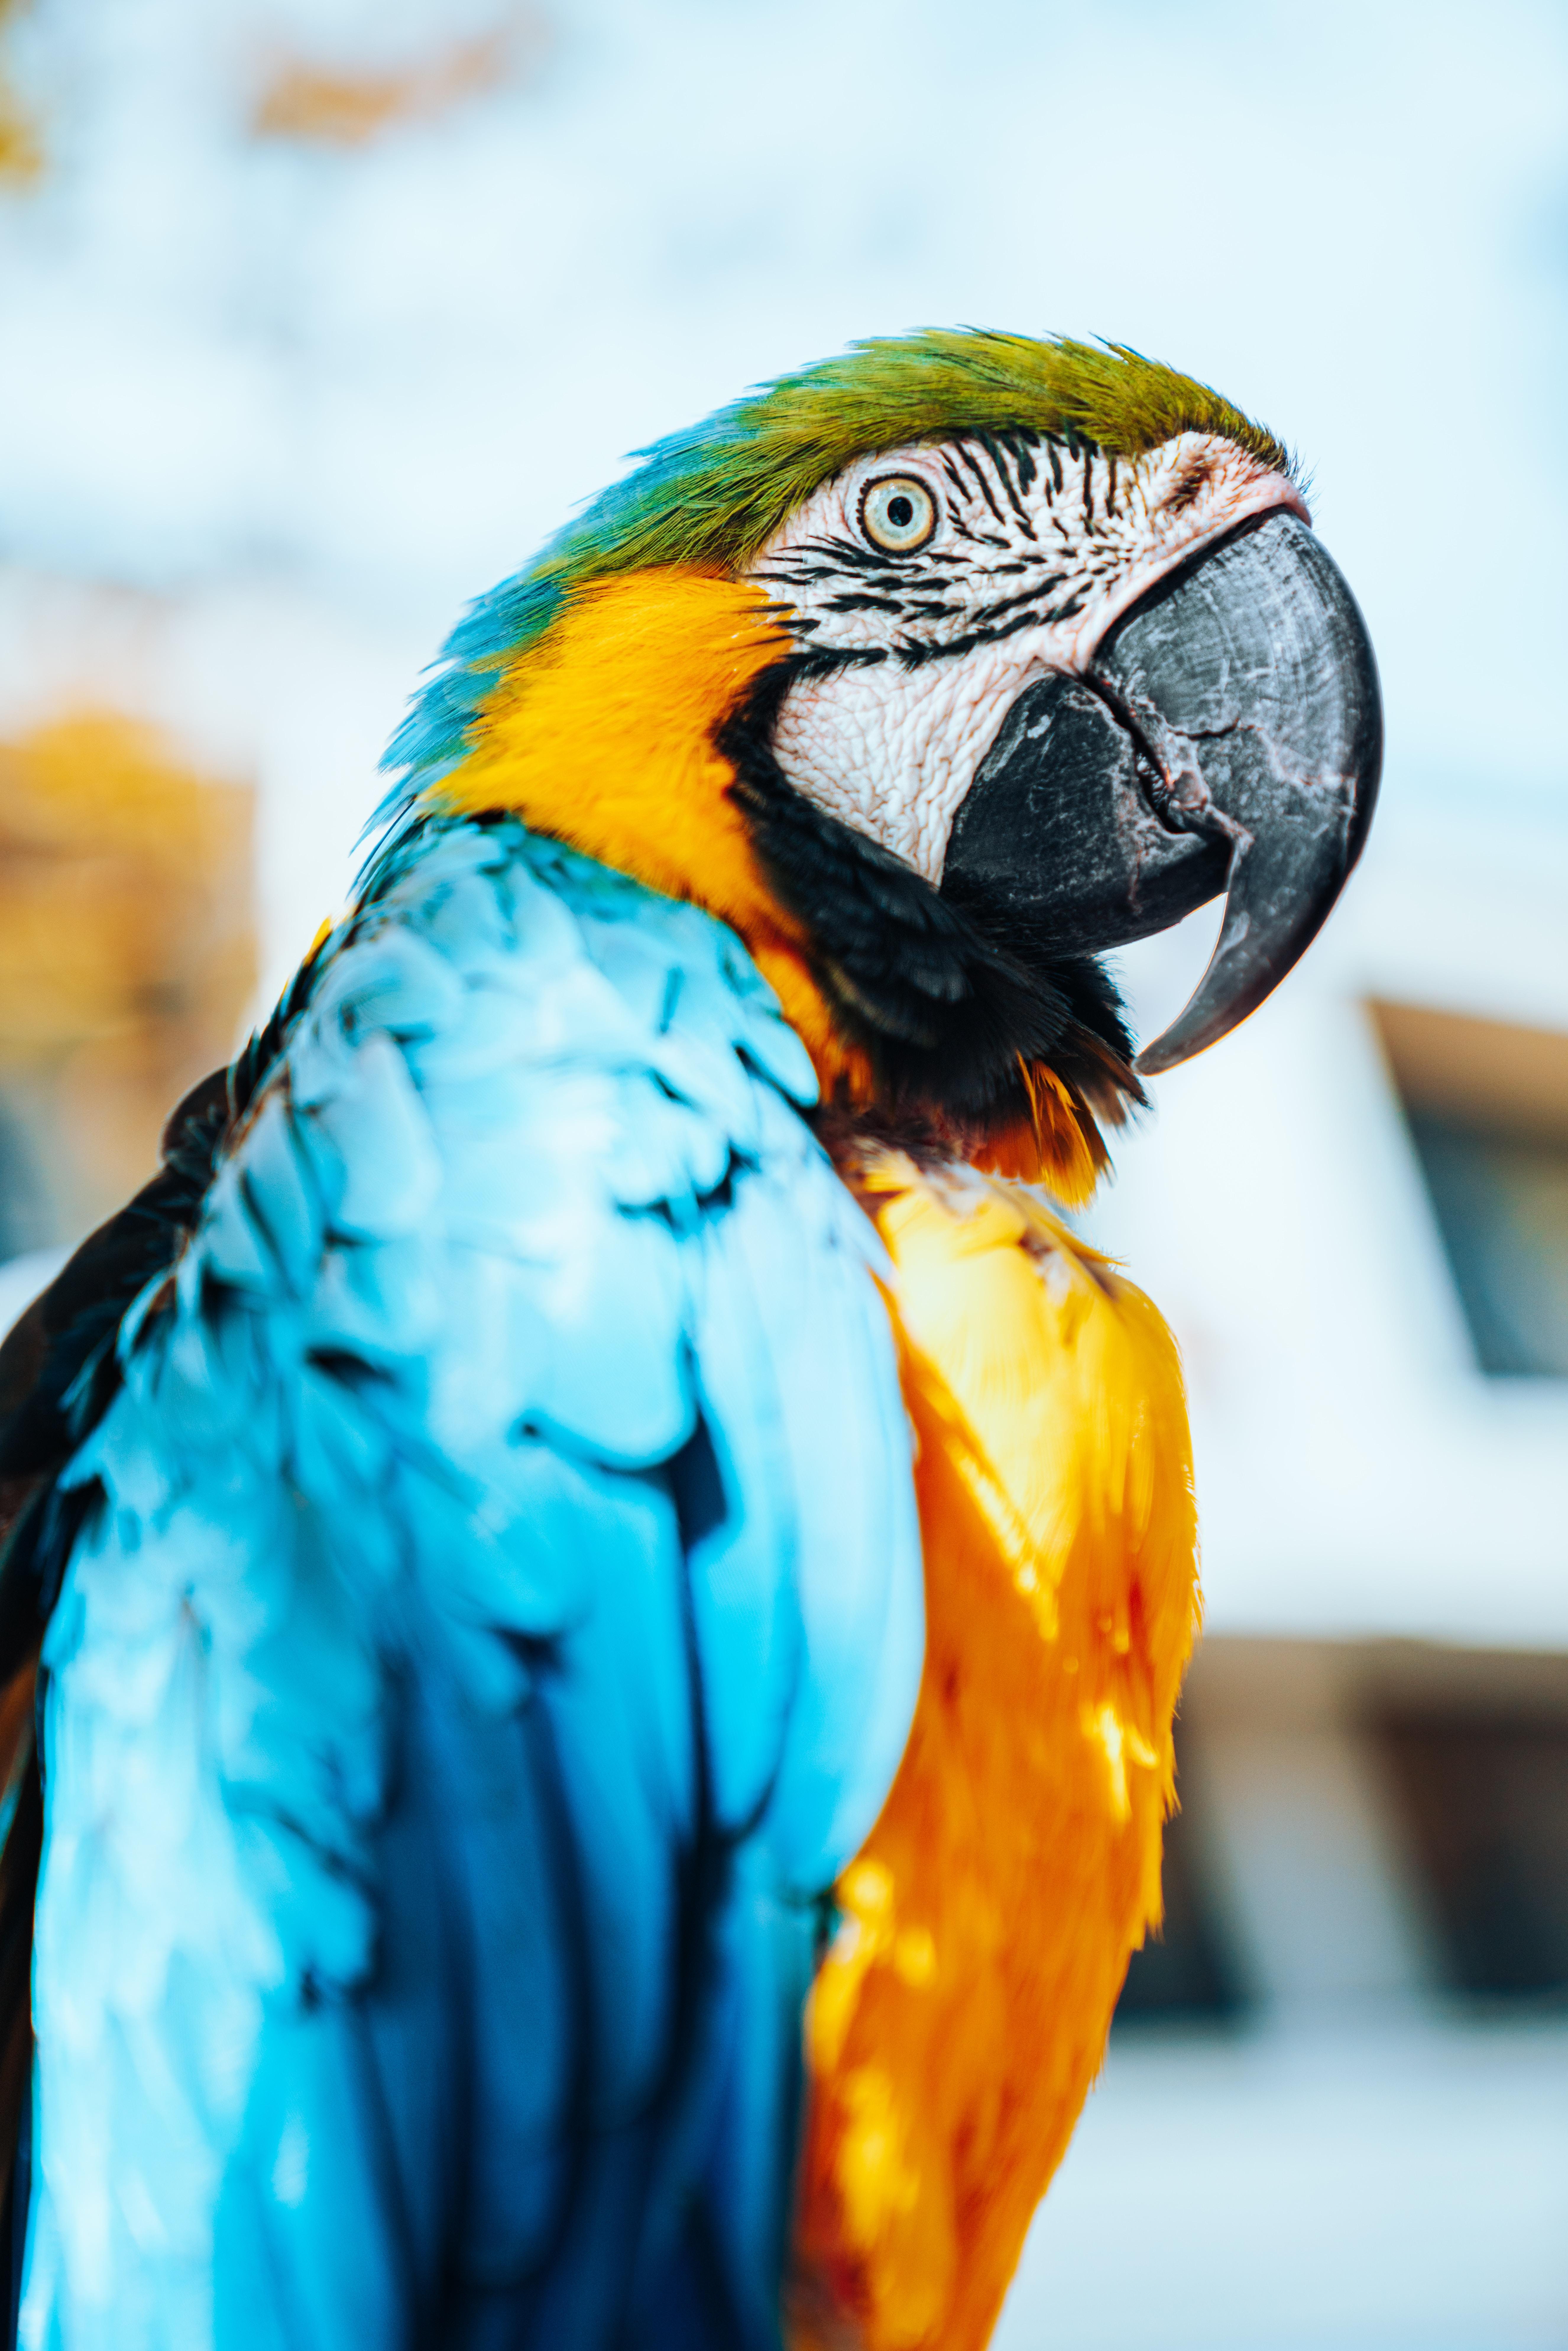 155876 télécharger le fond d'écran Perroquets, Animaux, Plumes, Oiseau, Multicolore, Hétéroclite, Ara - économiseurs d'écran et images gratuitement